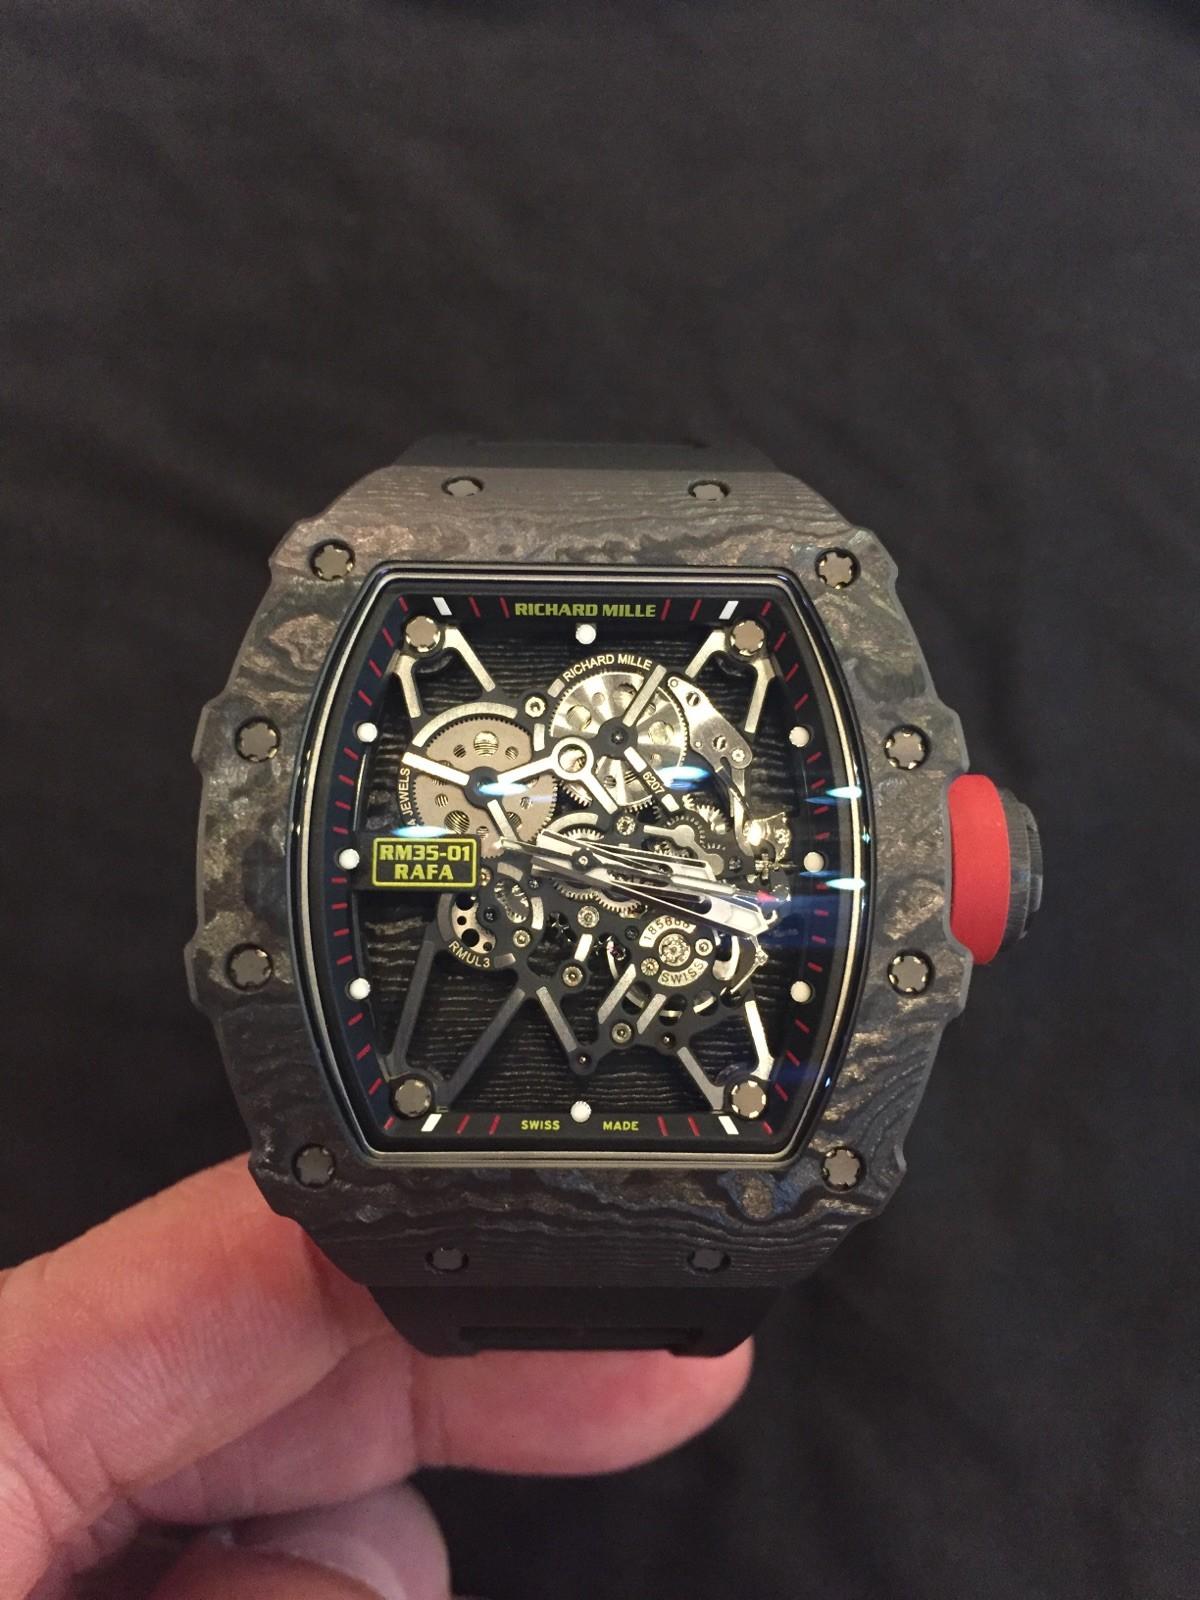 Nowe Nieuzywane Richard Mille Rm35 01 Nadal Rm35 01 Zegarki Na Sprzedaz Timepeaks